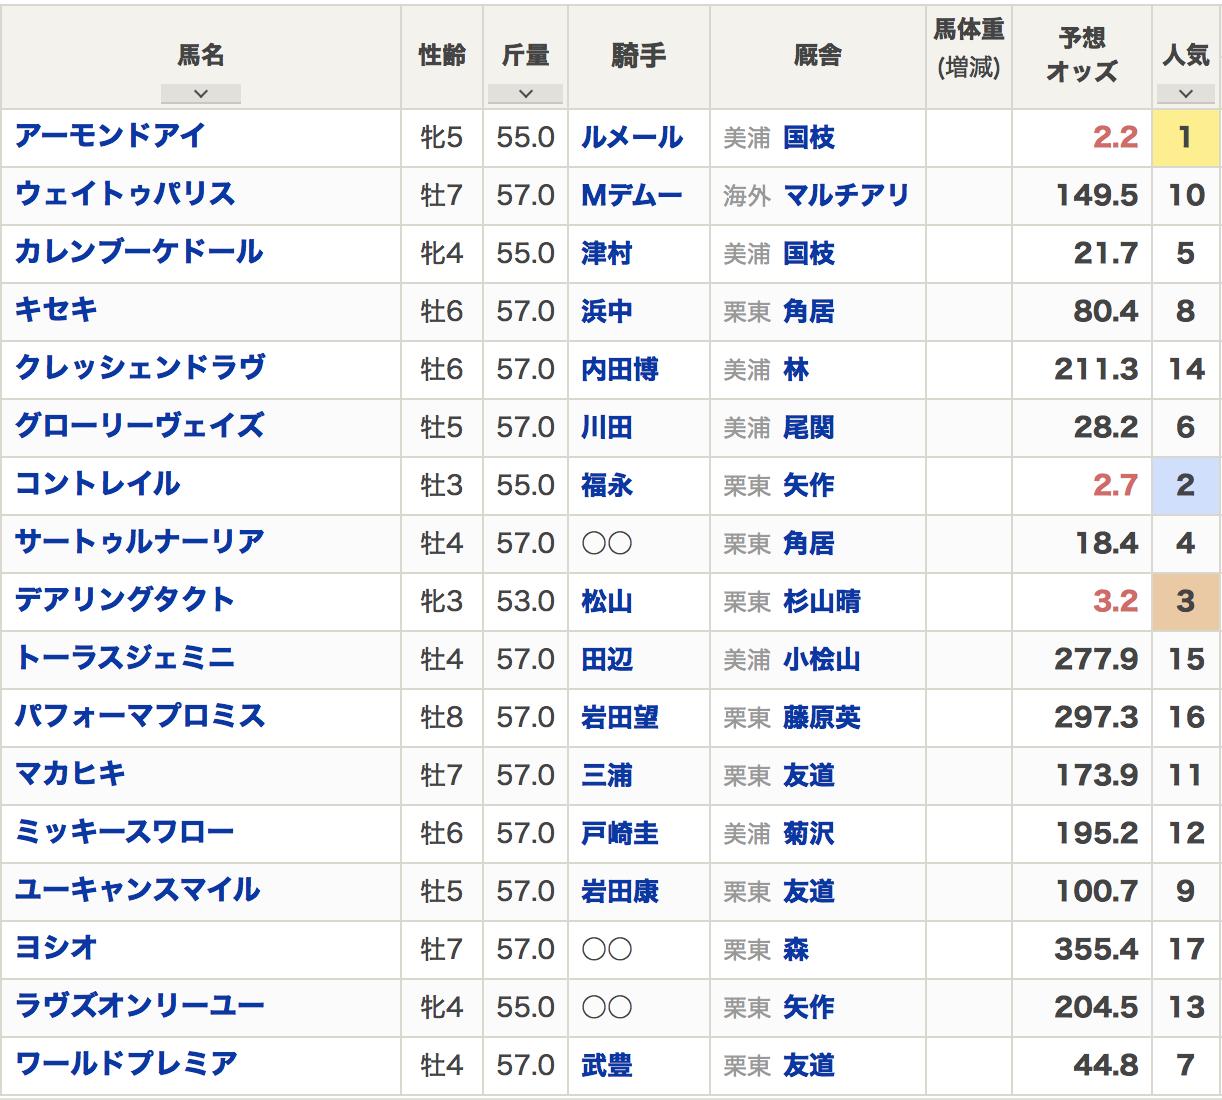 ジャパンカップ2020出走登録馬